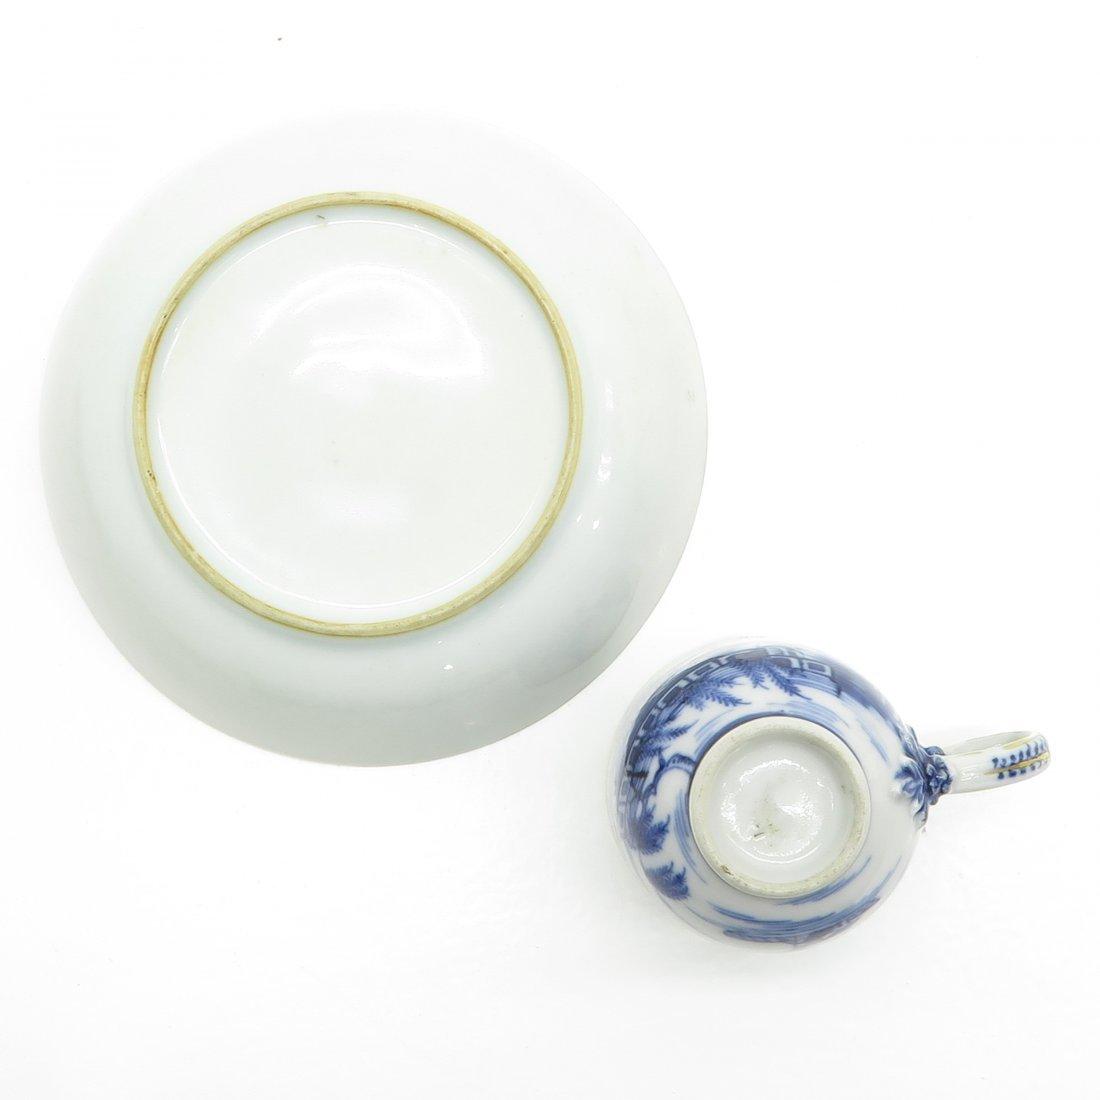 China Porcelain Cup and Saucer Circa 1800 - 6